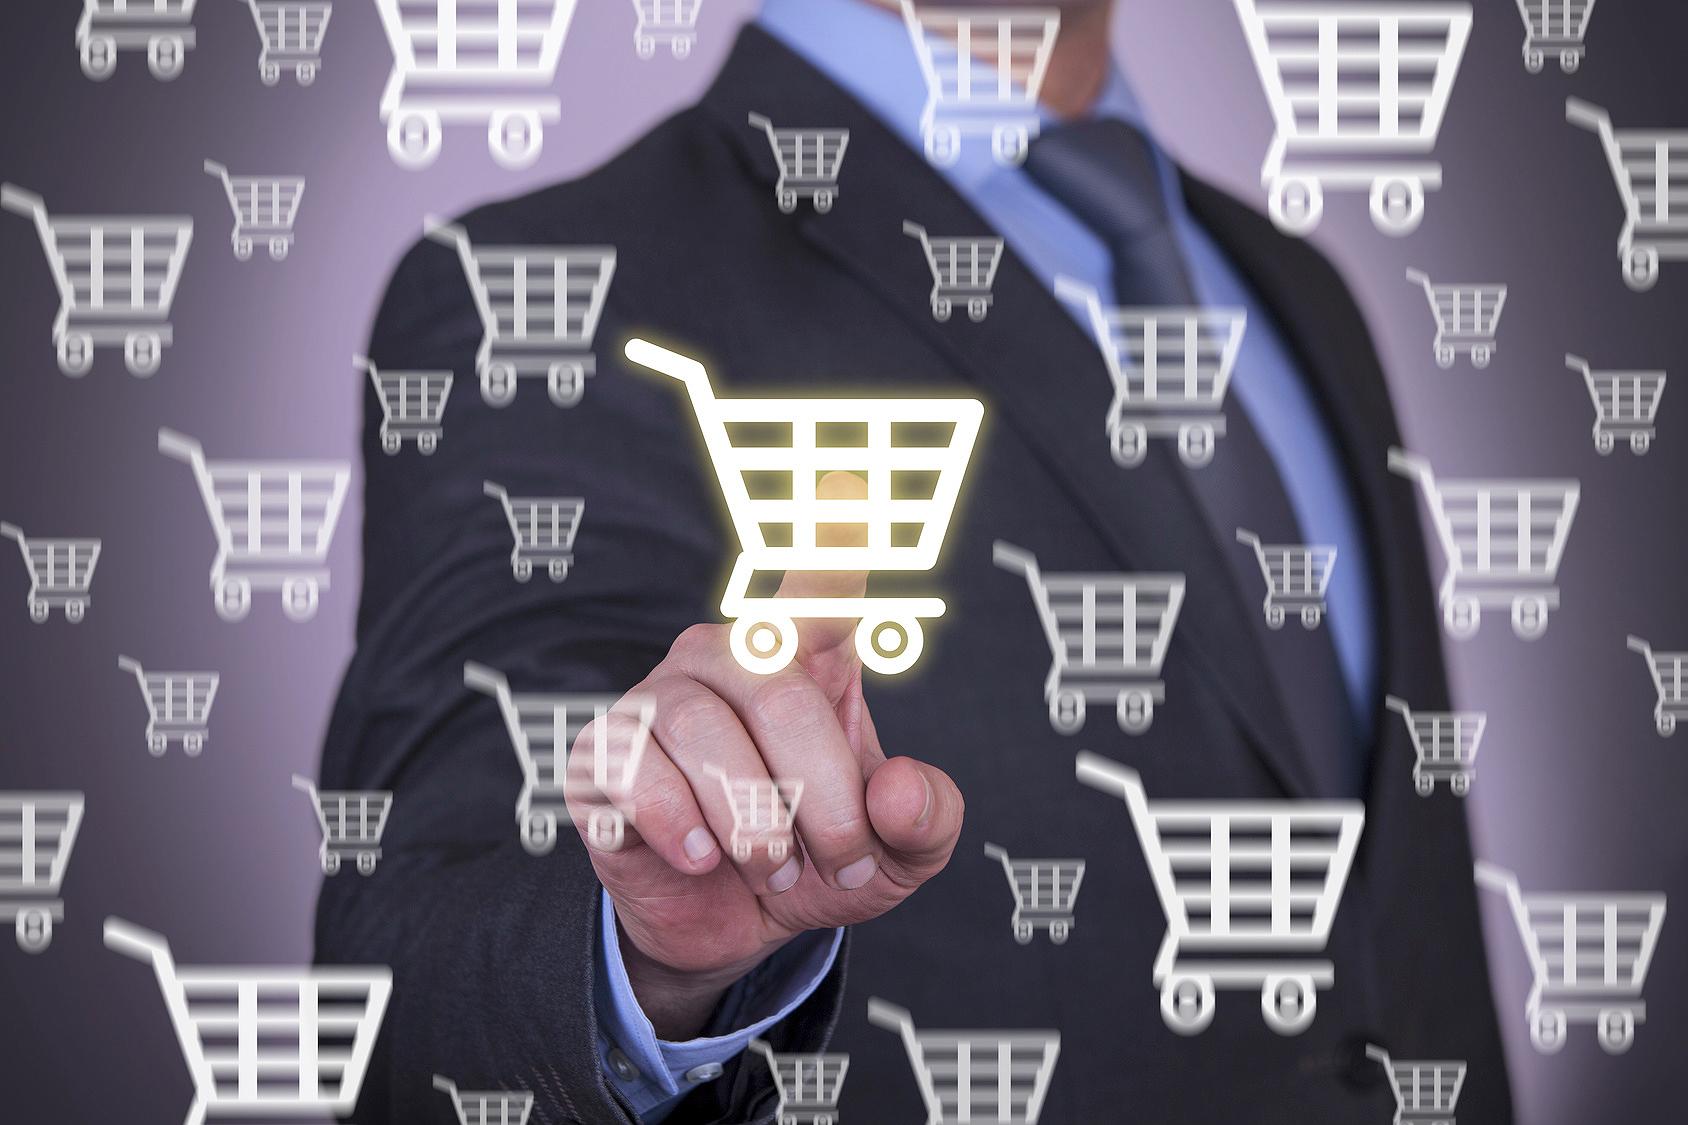 Novo perfil do consumidor o aproximou da pesquisa online e da compra online. Crédito: Divulgação